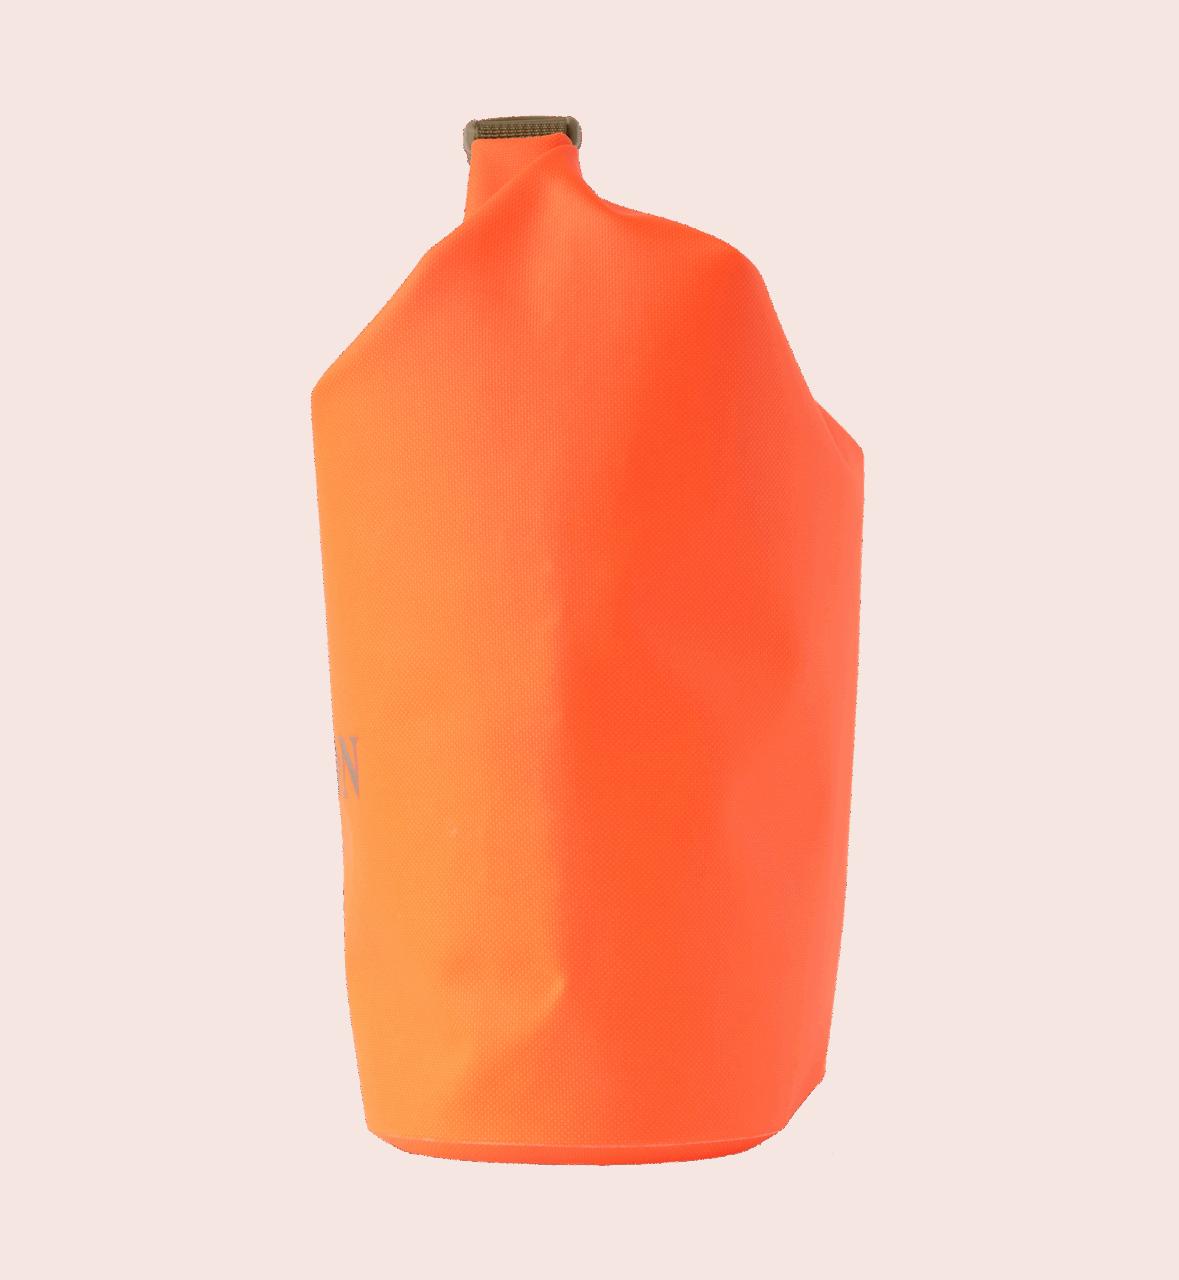 Filson Dry Bag Small - flame